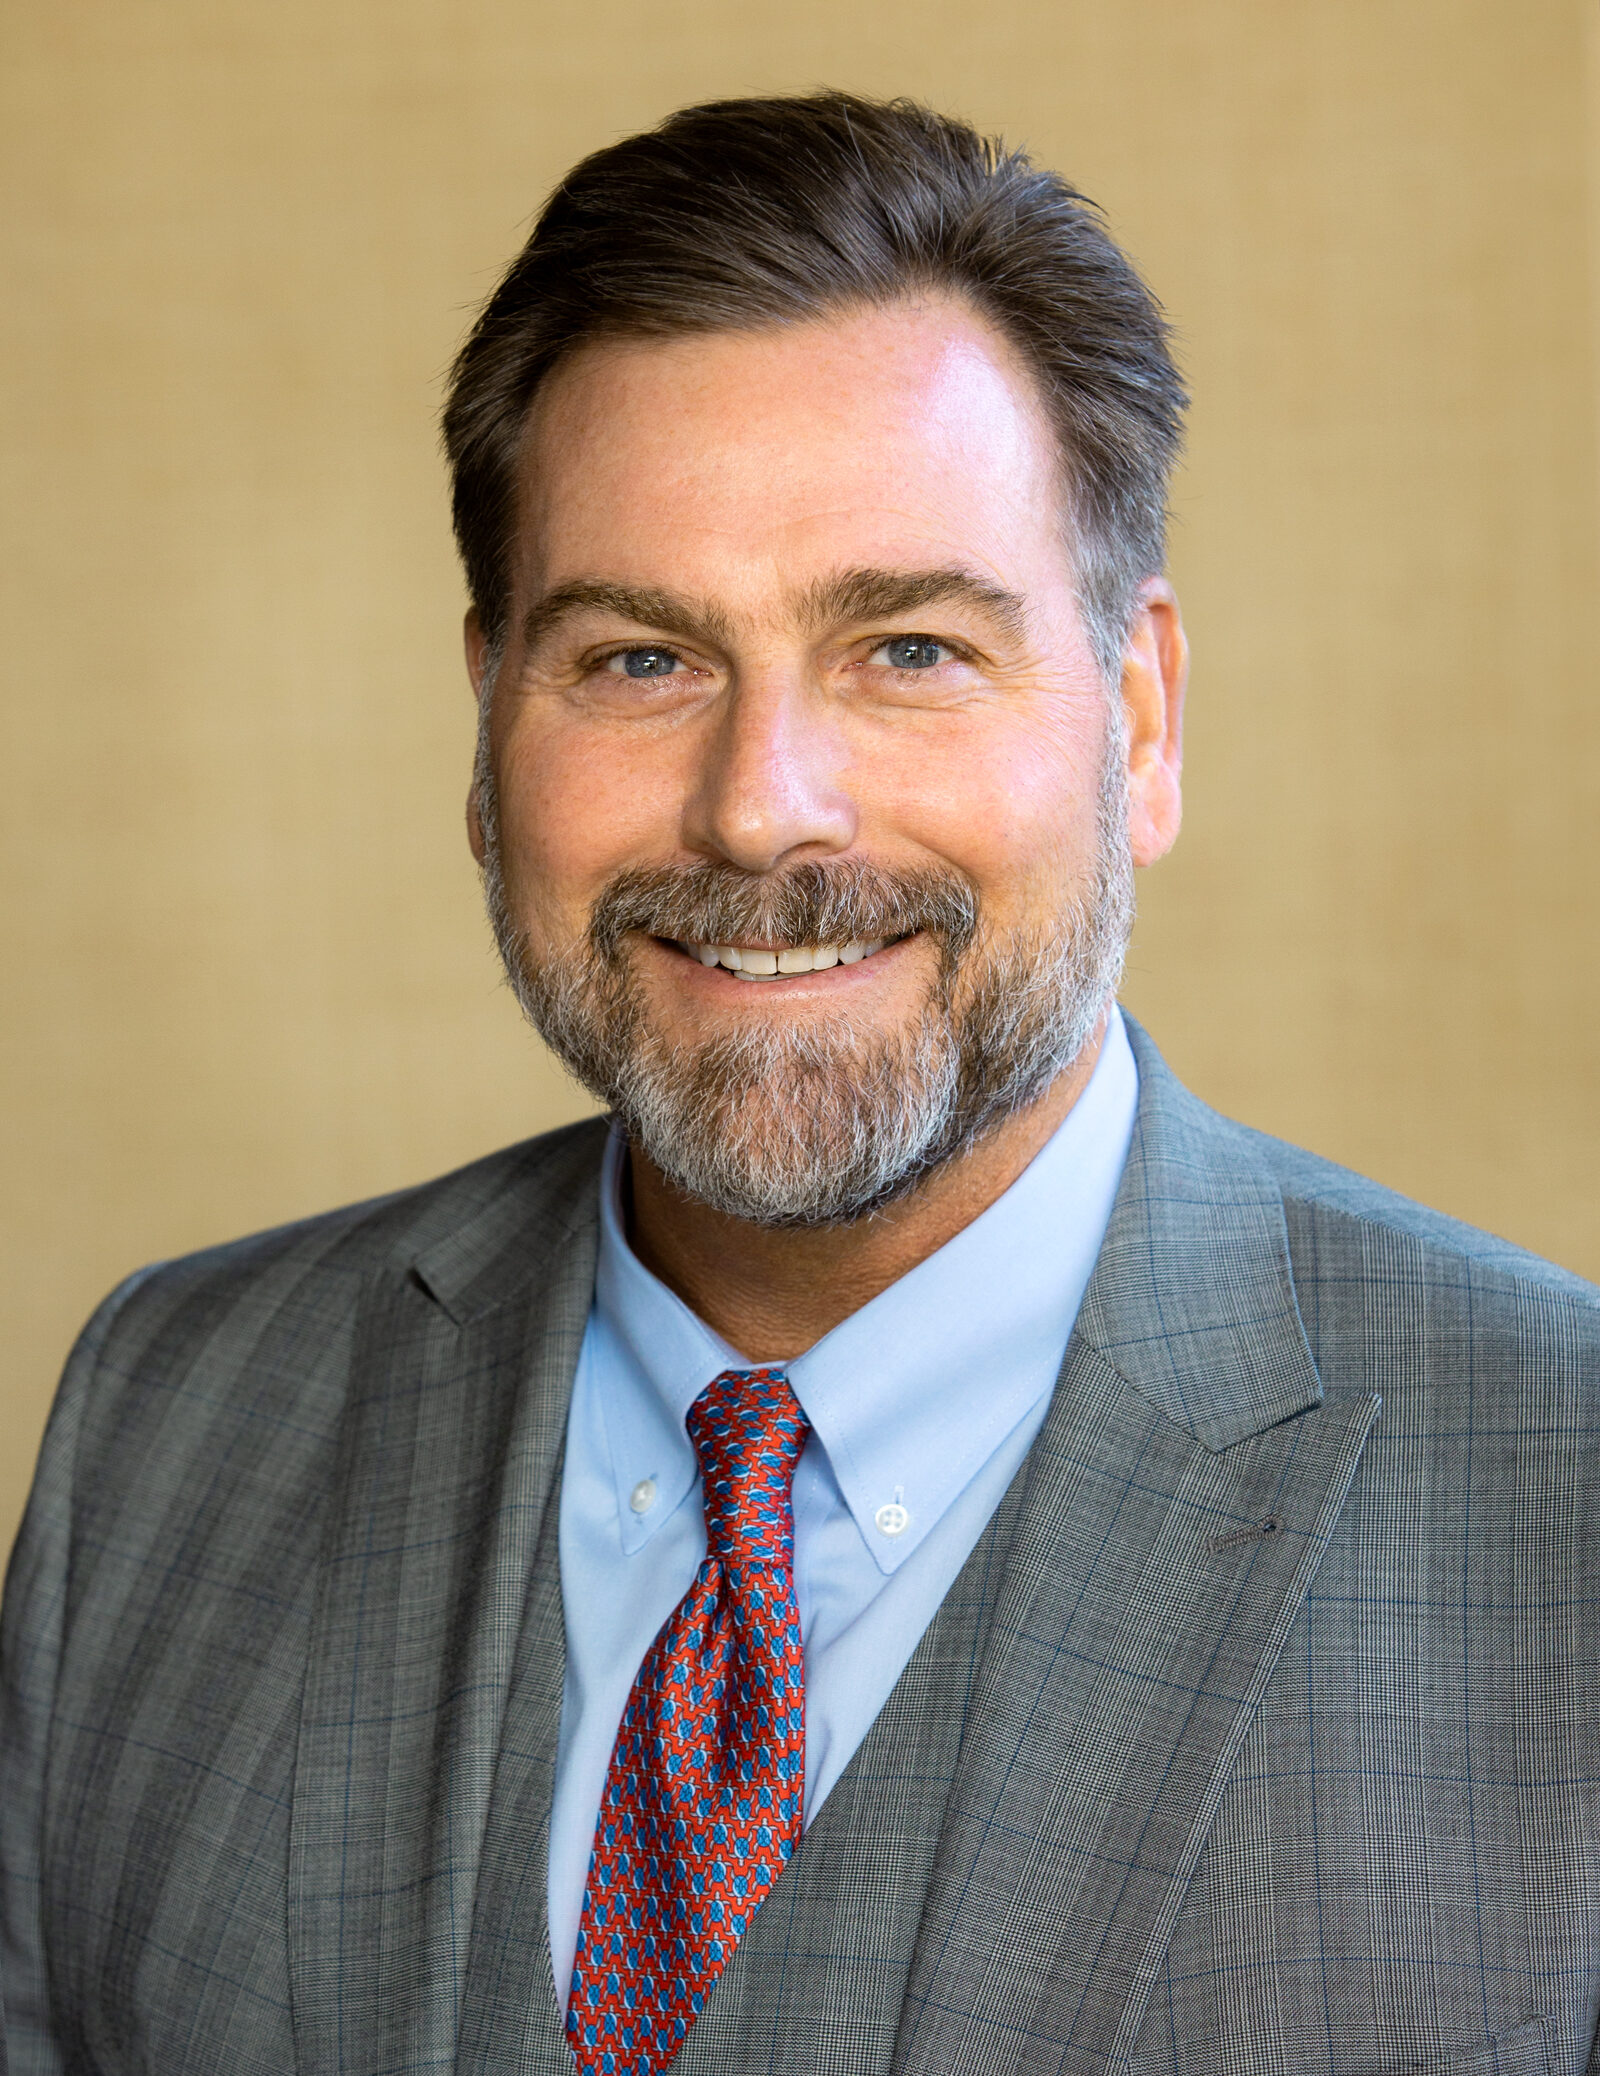 Christopher K. Richey, CFA